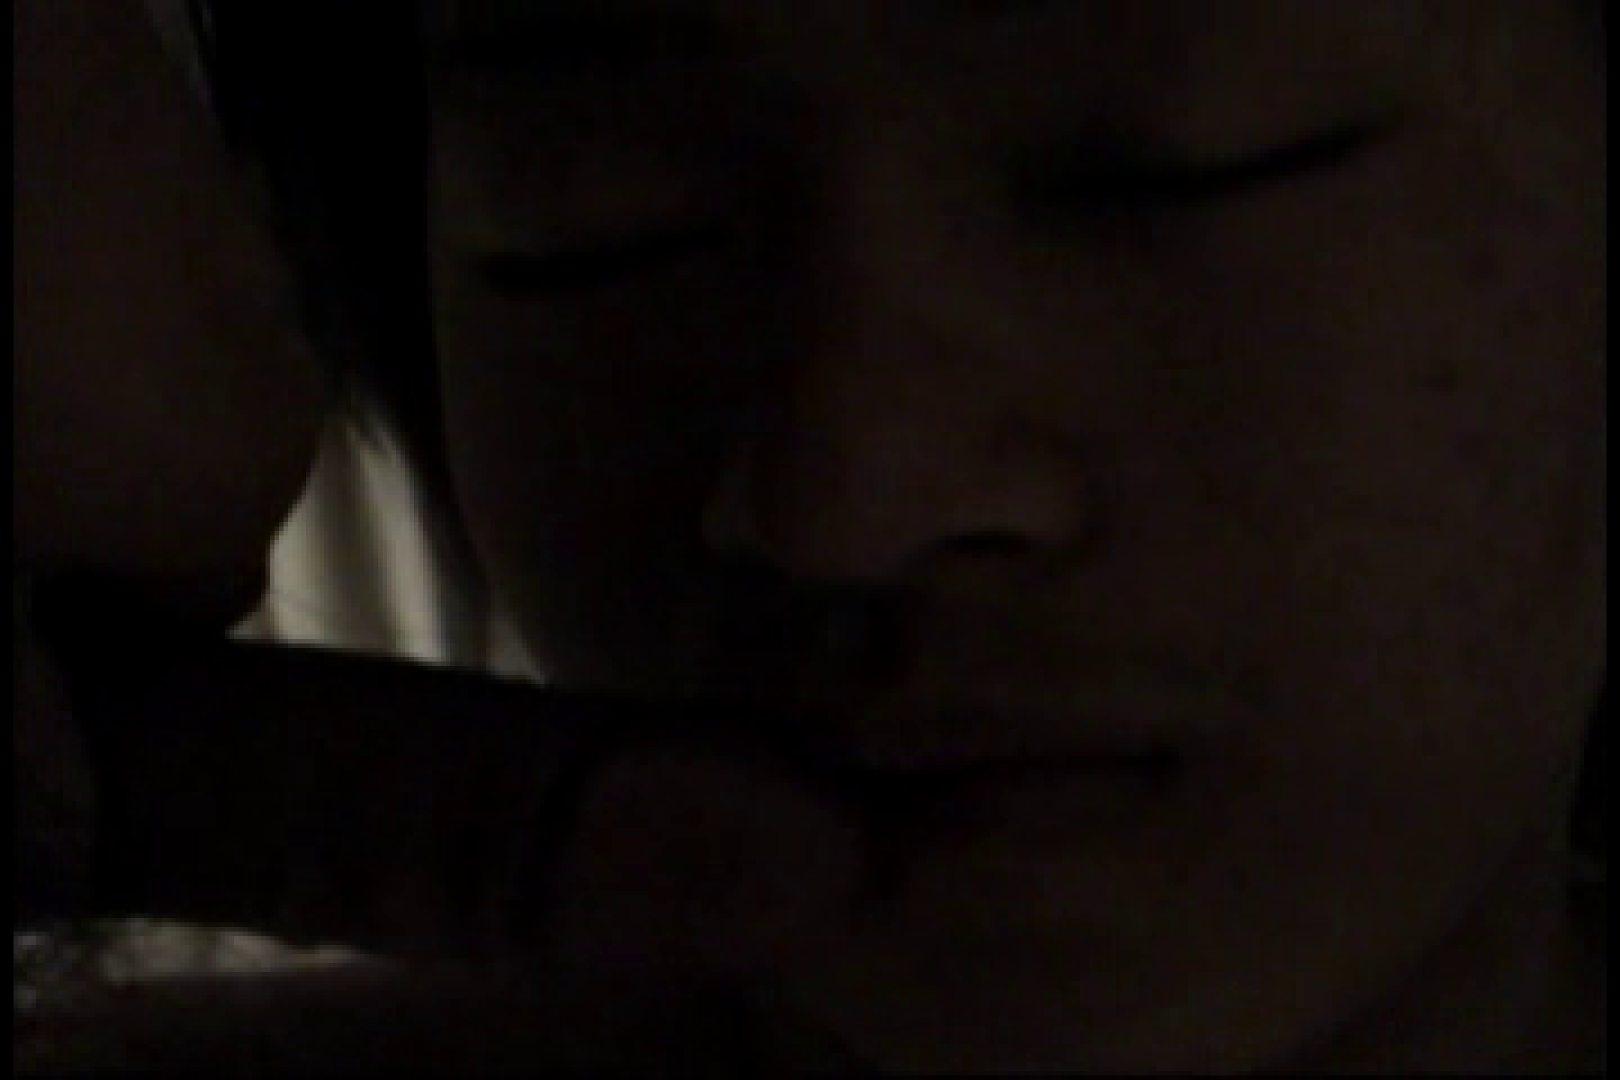 三ッ星シリーズ!!イケメン羞恥心File.9 ゲイの自慰 | イケメンパラダイス エロビデオ紹介 104pic 99